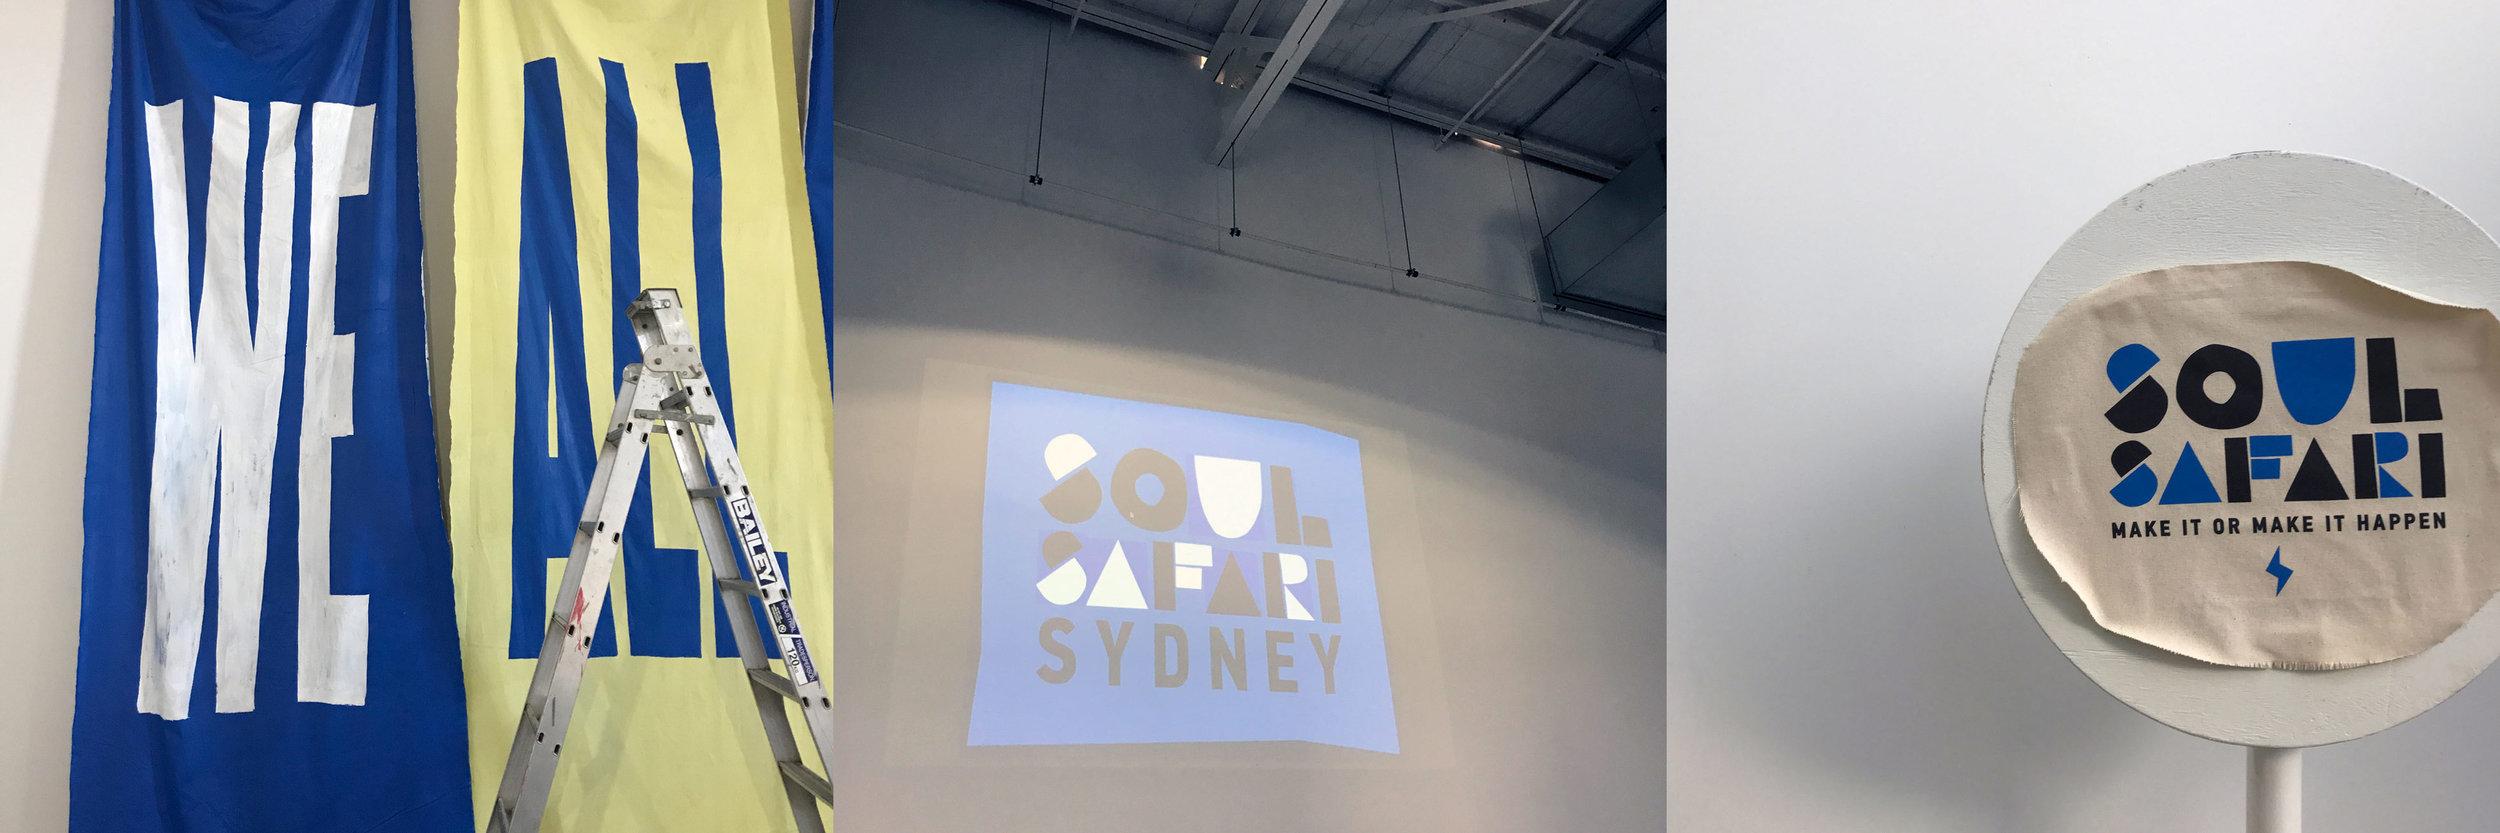 SoulSafari-2017